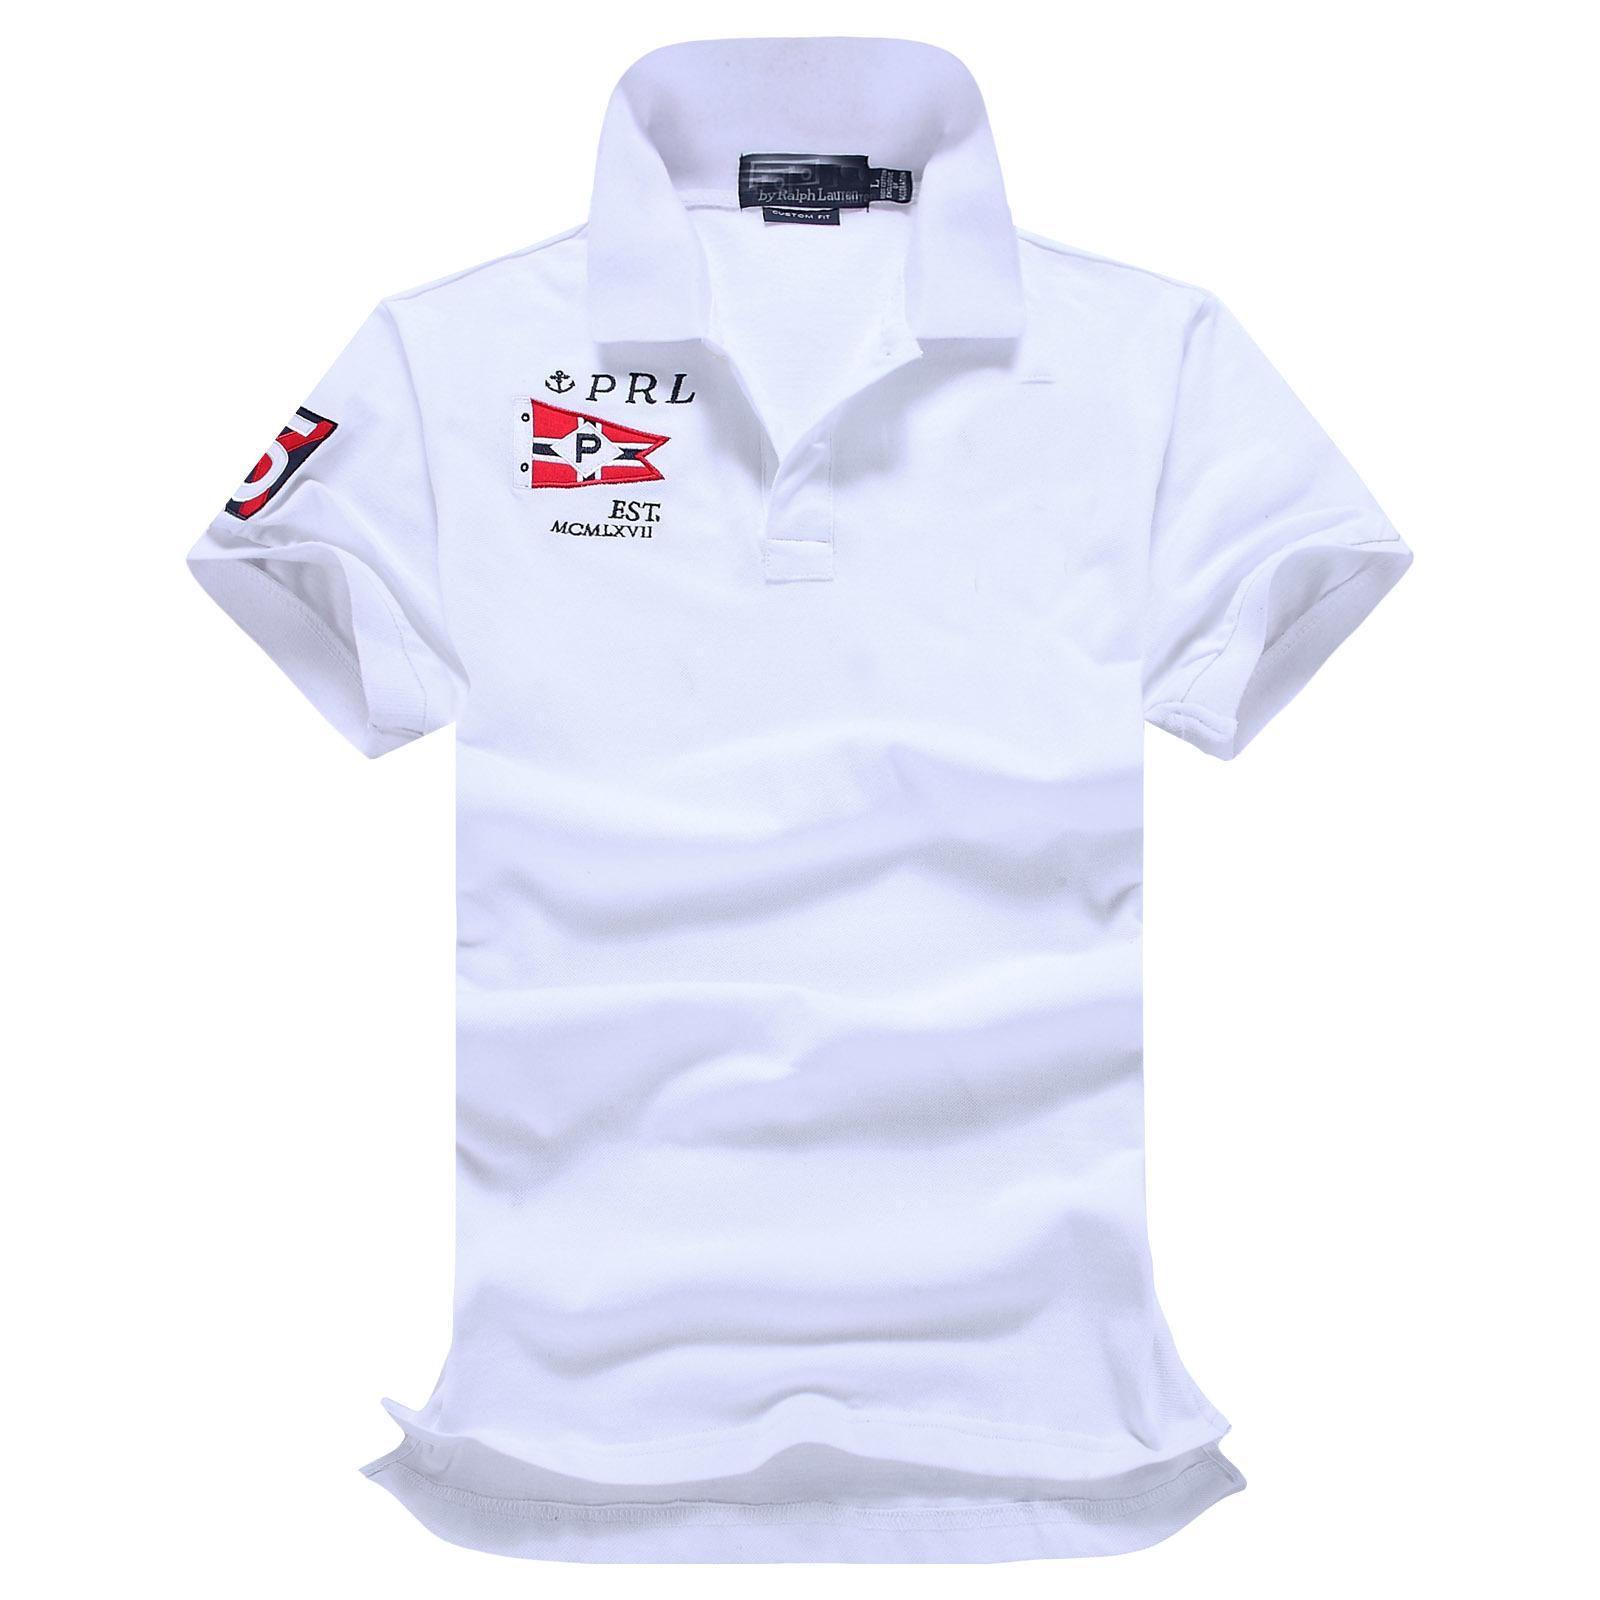 Быстрая лучшая доставка! Летняя Высокая распродажа Качество Классическая мода Большой Лошадь Короткий Рукав Поло Мужская Рубашка